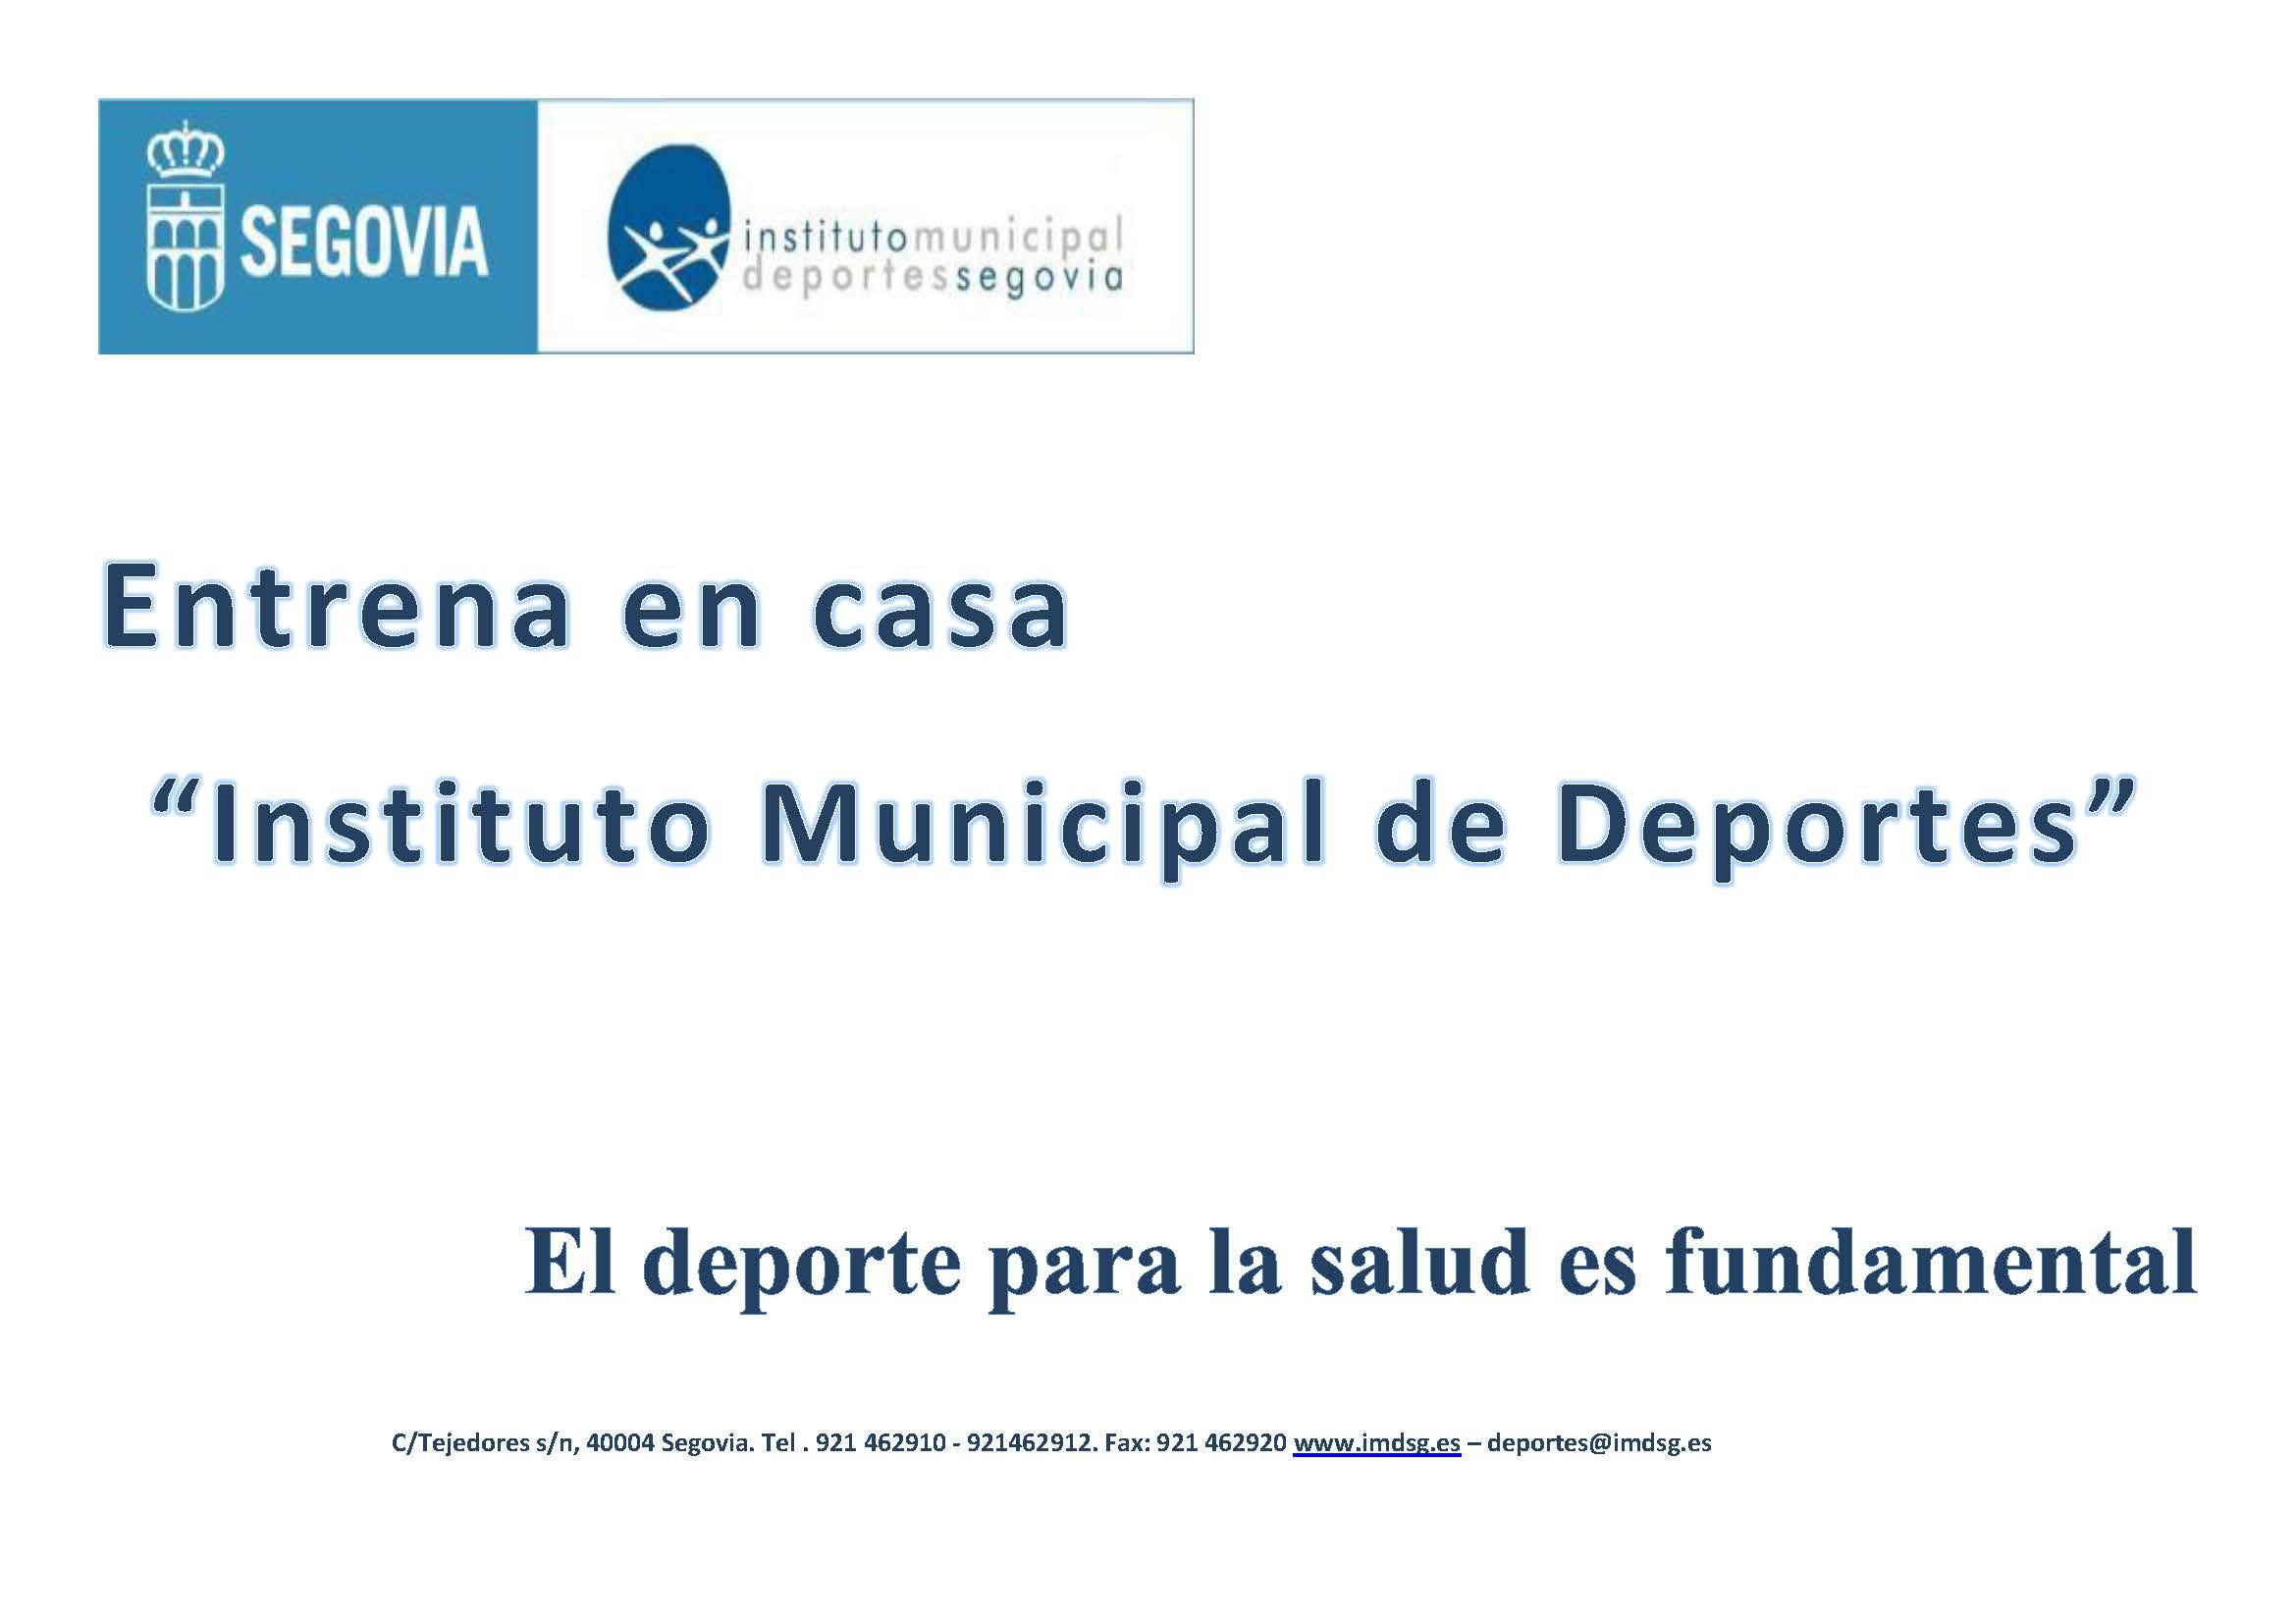 Entrena en casa con el Instituto Municipal de Deportes (9)